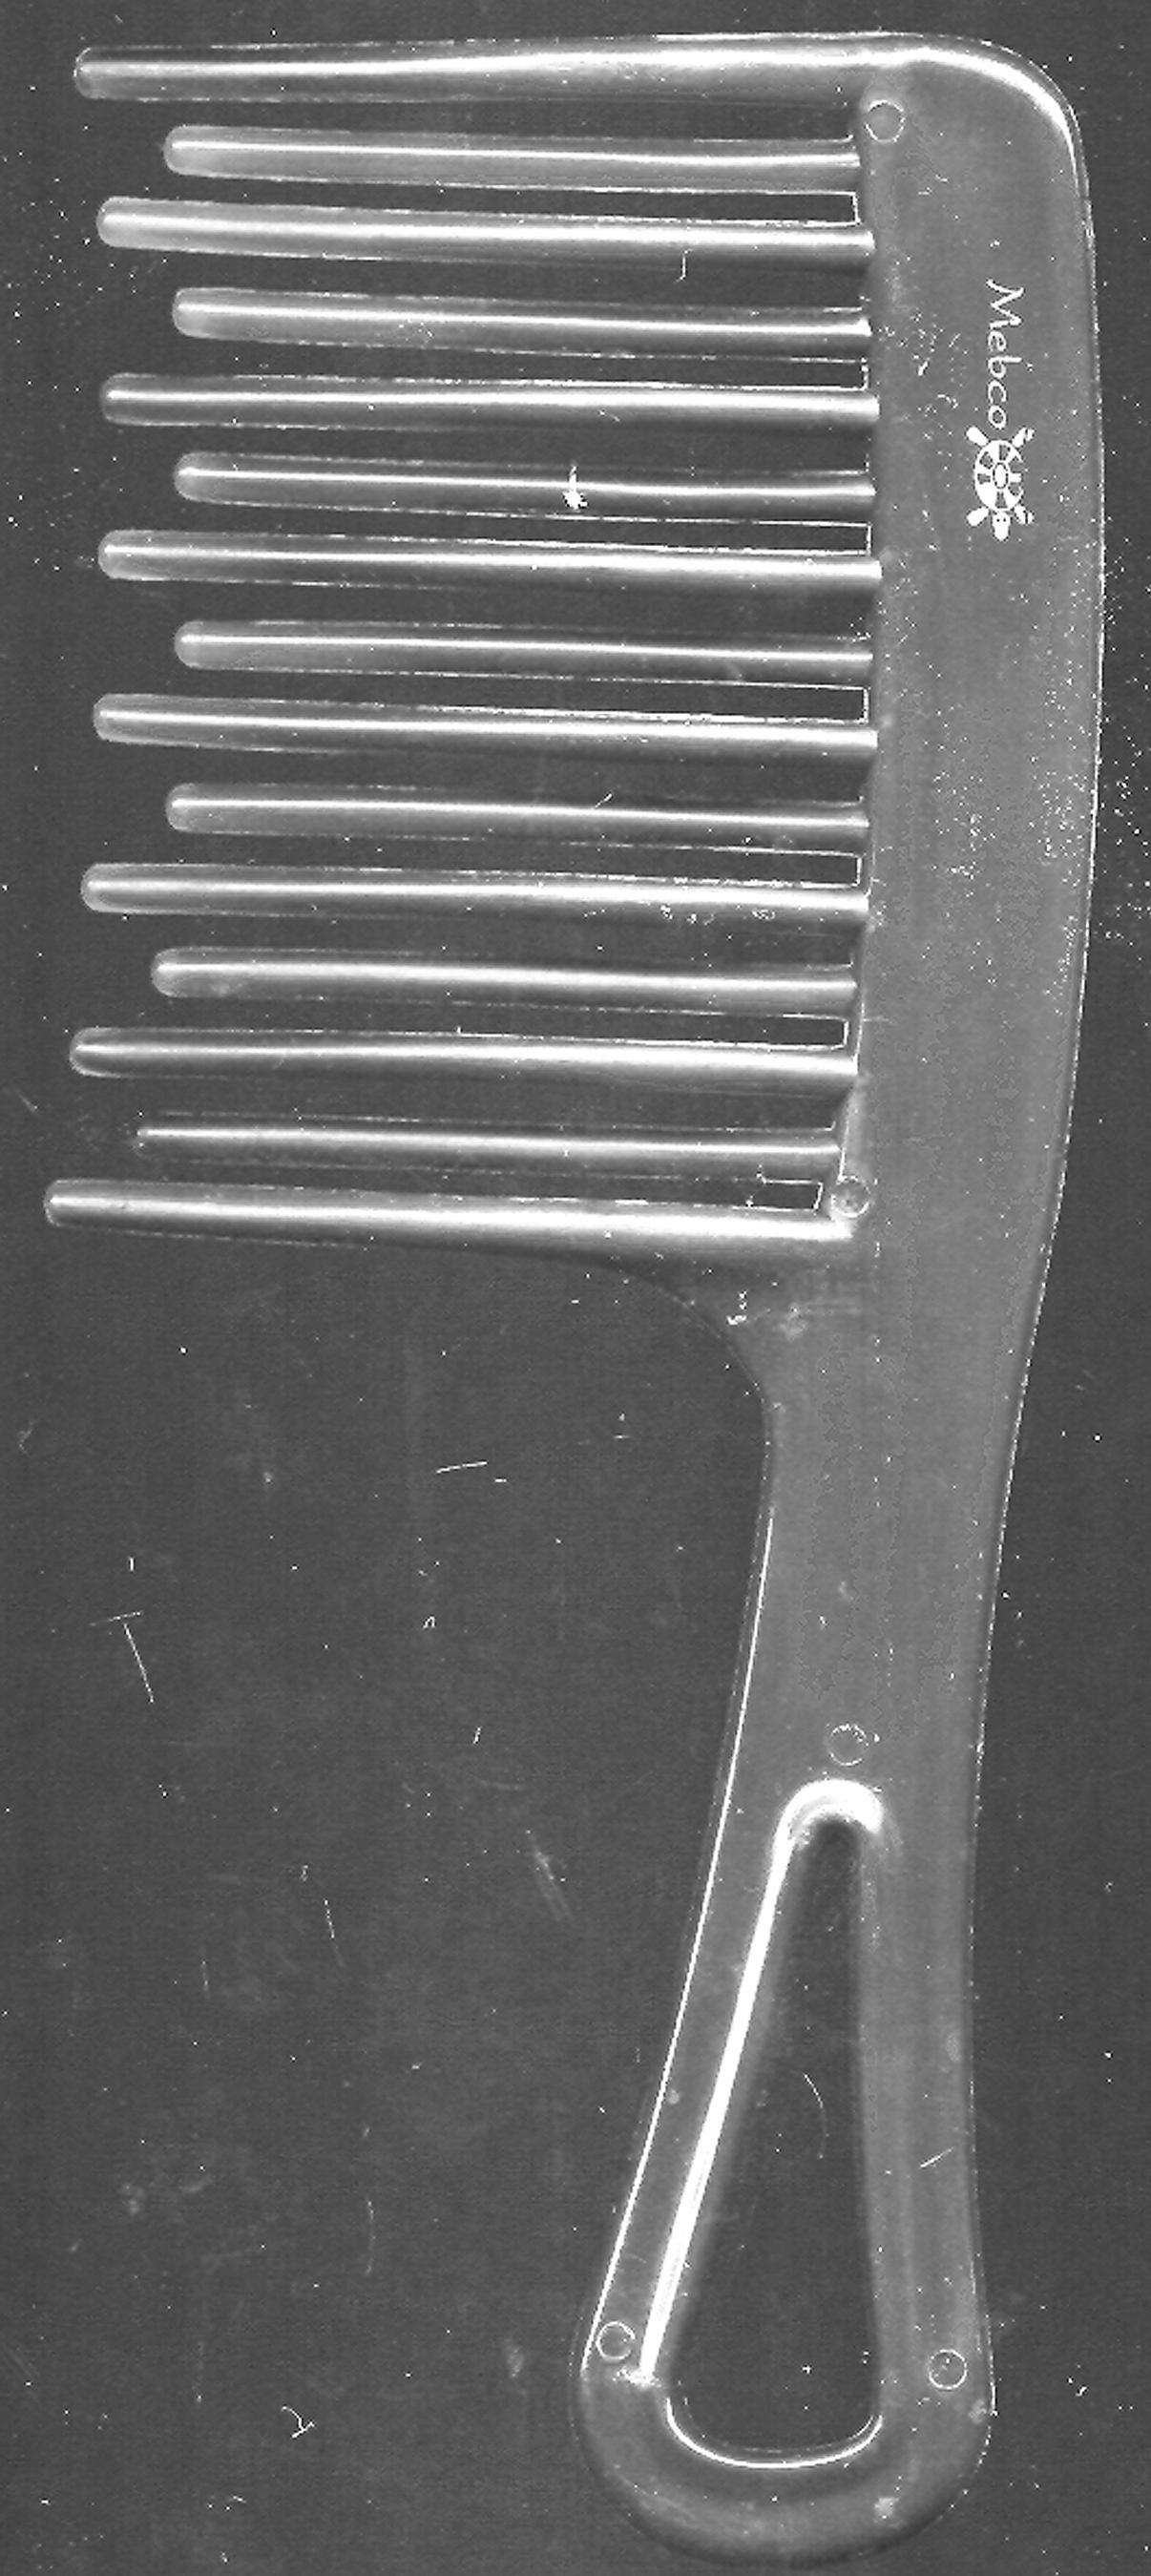 Tortoise Comb - Detangler For Wet Hair - Label